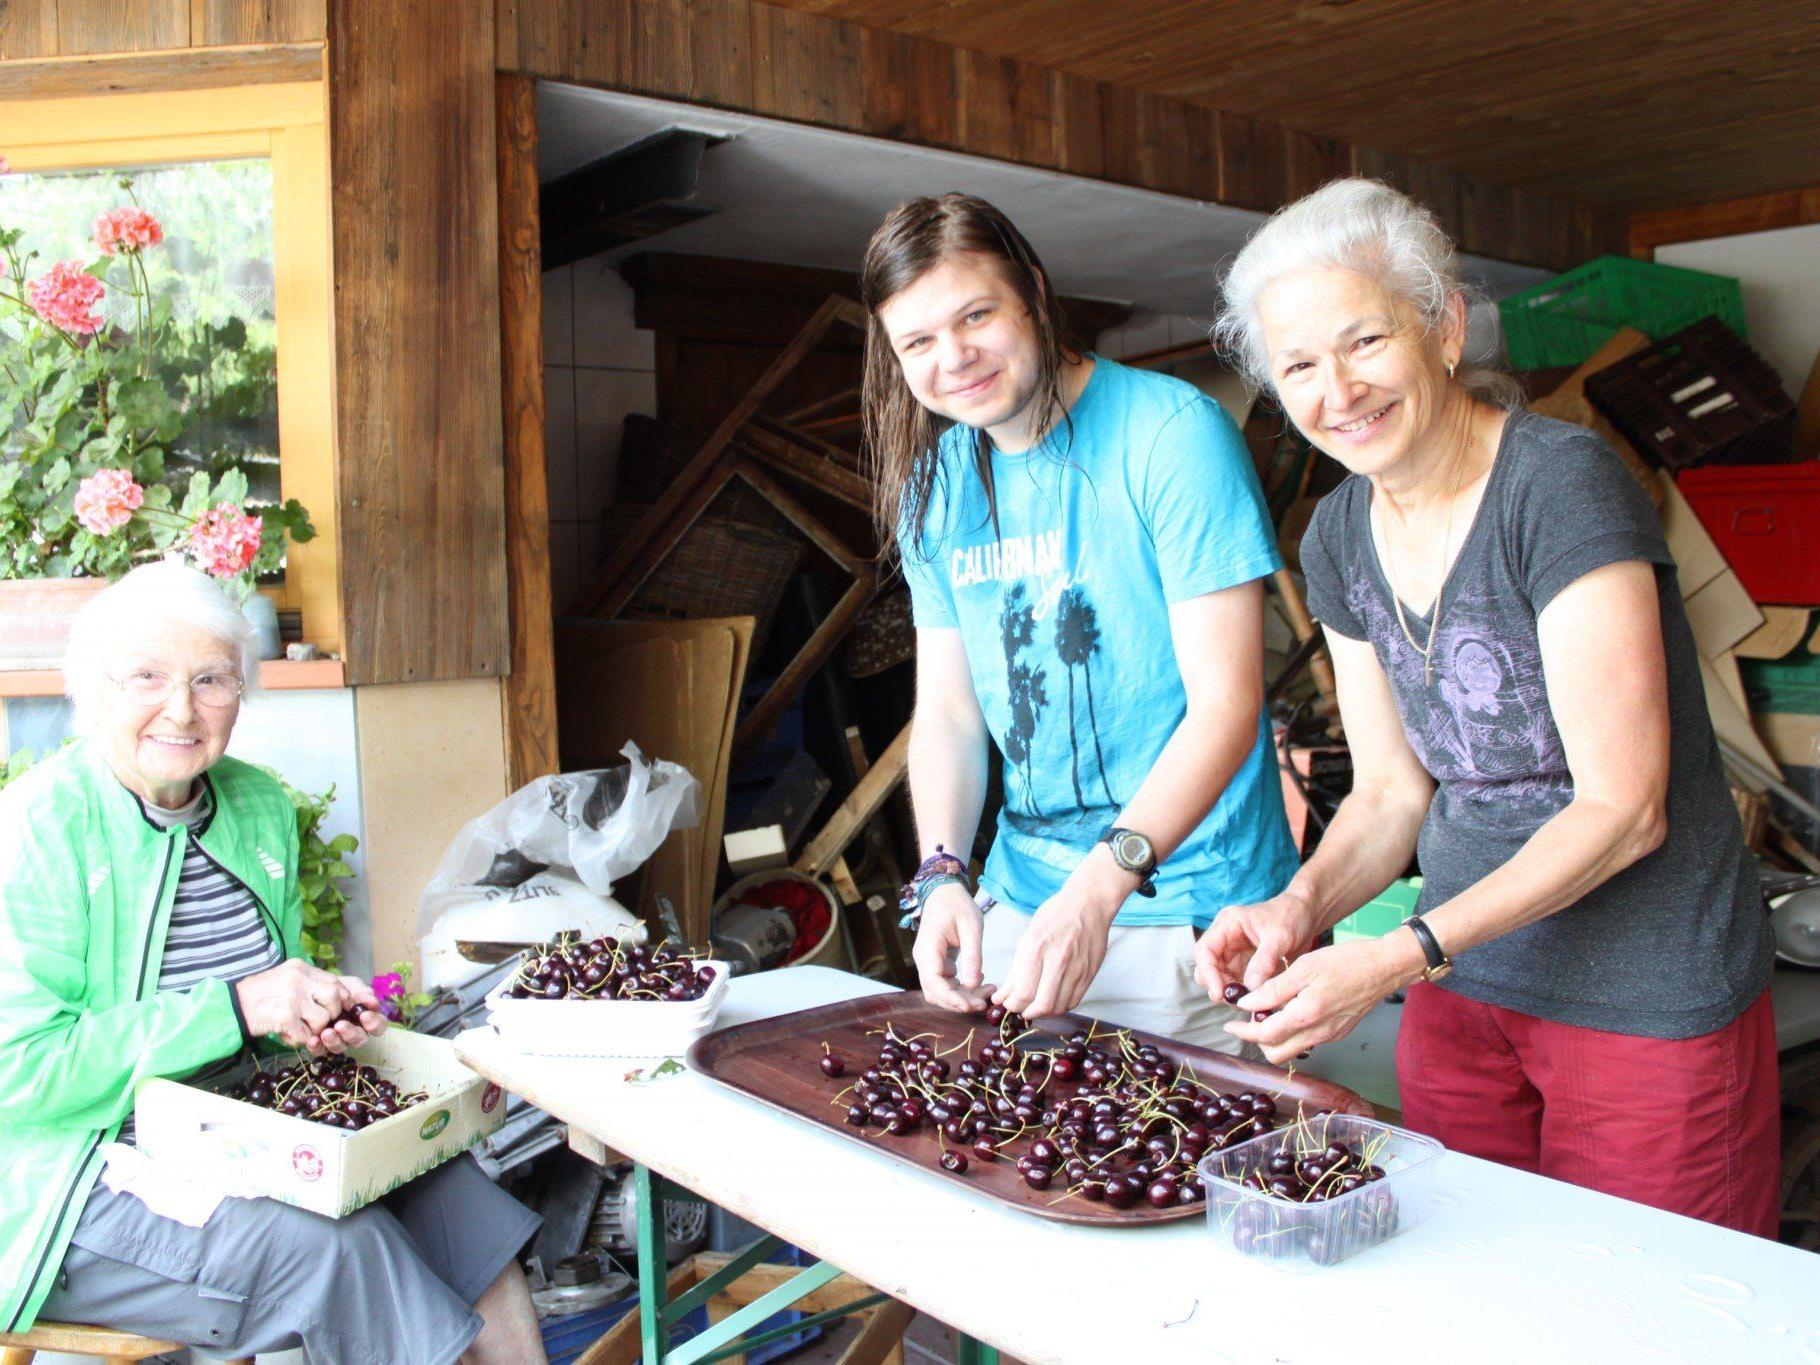 Monika Summer vom Fraxner Schnapsatelier mit Mutter Martha und Sohn Norbert beim Verlesen der Fraxner Kriasi.